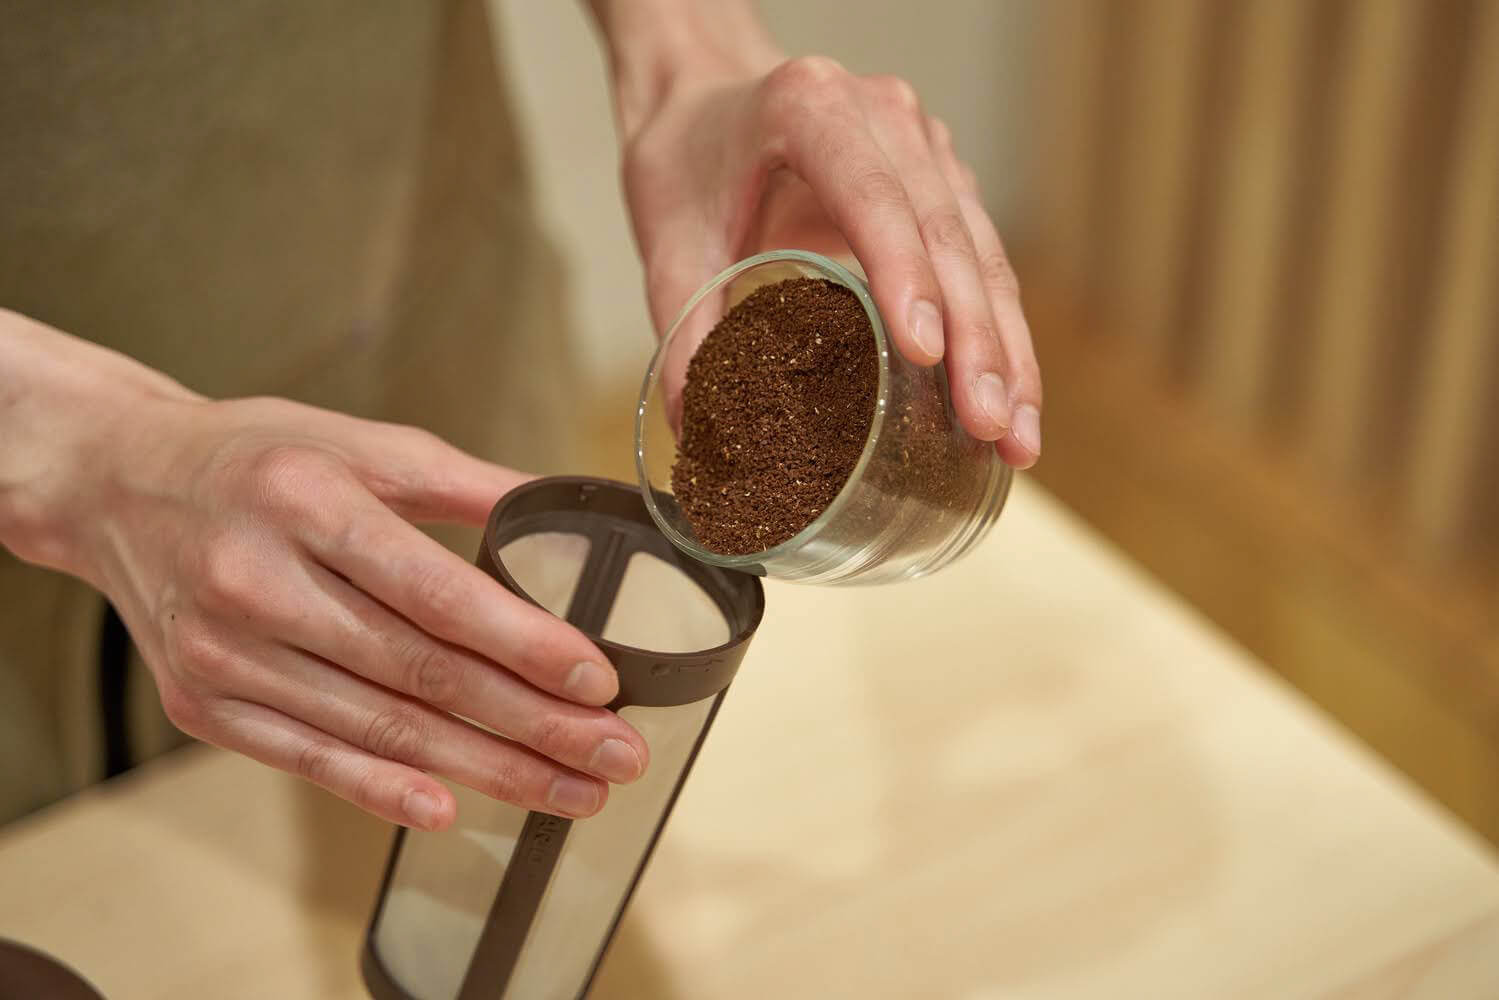 コーヒー粉投入